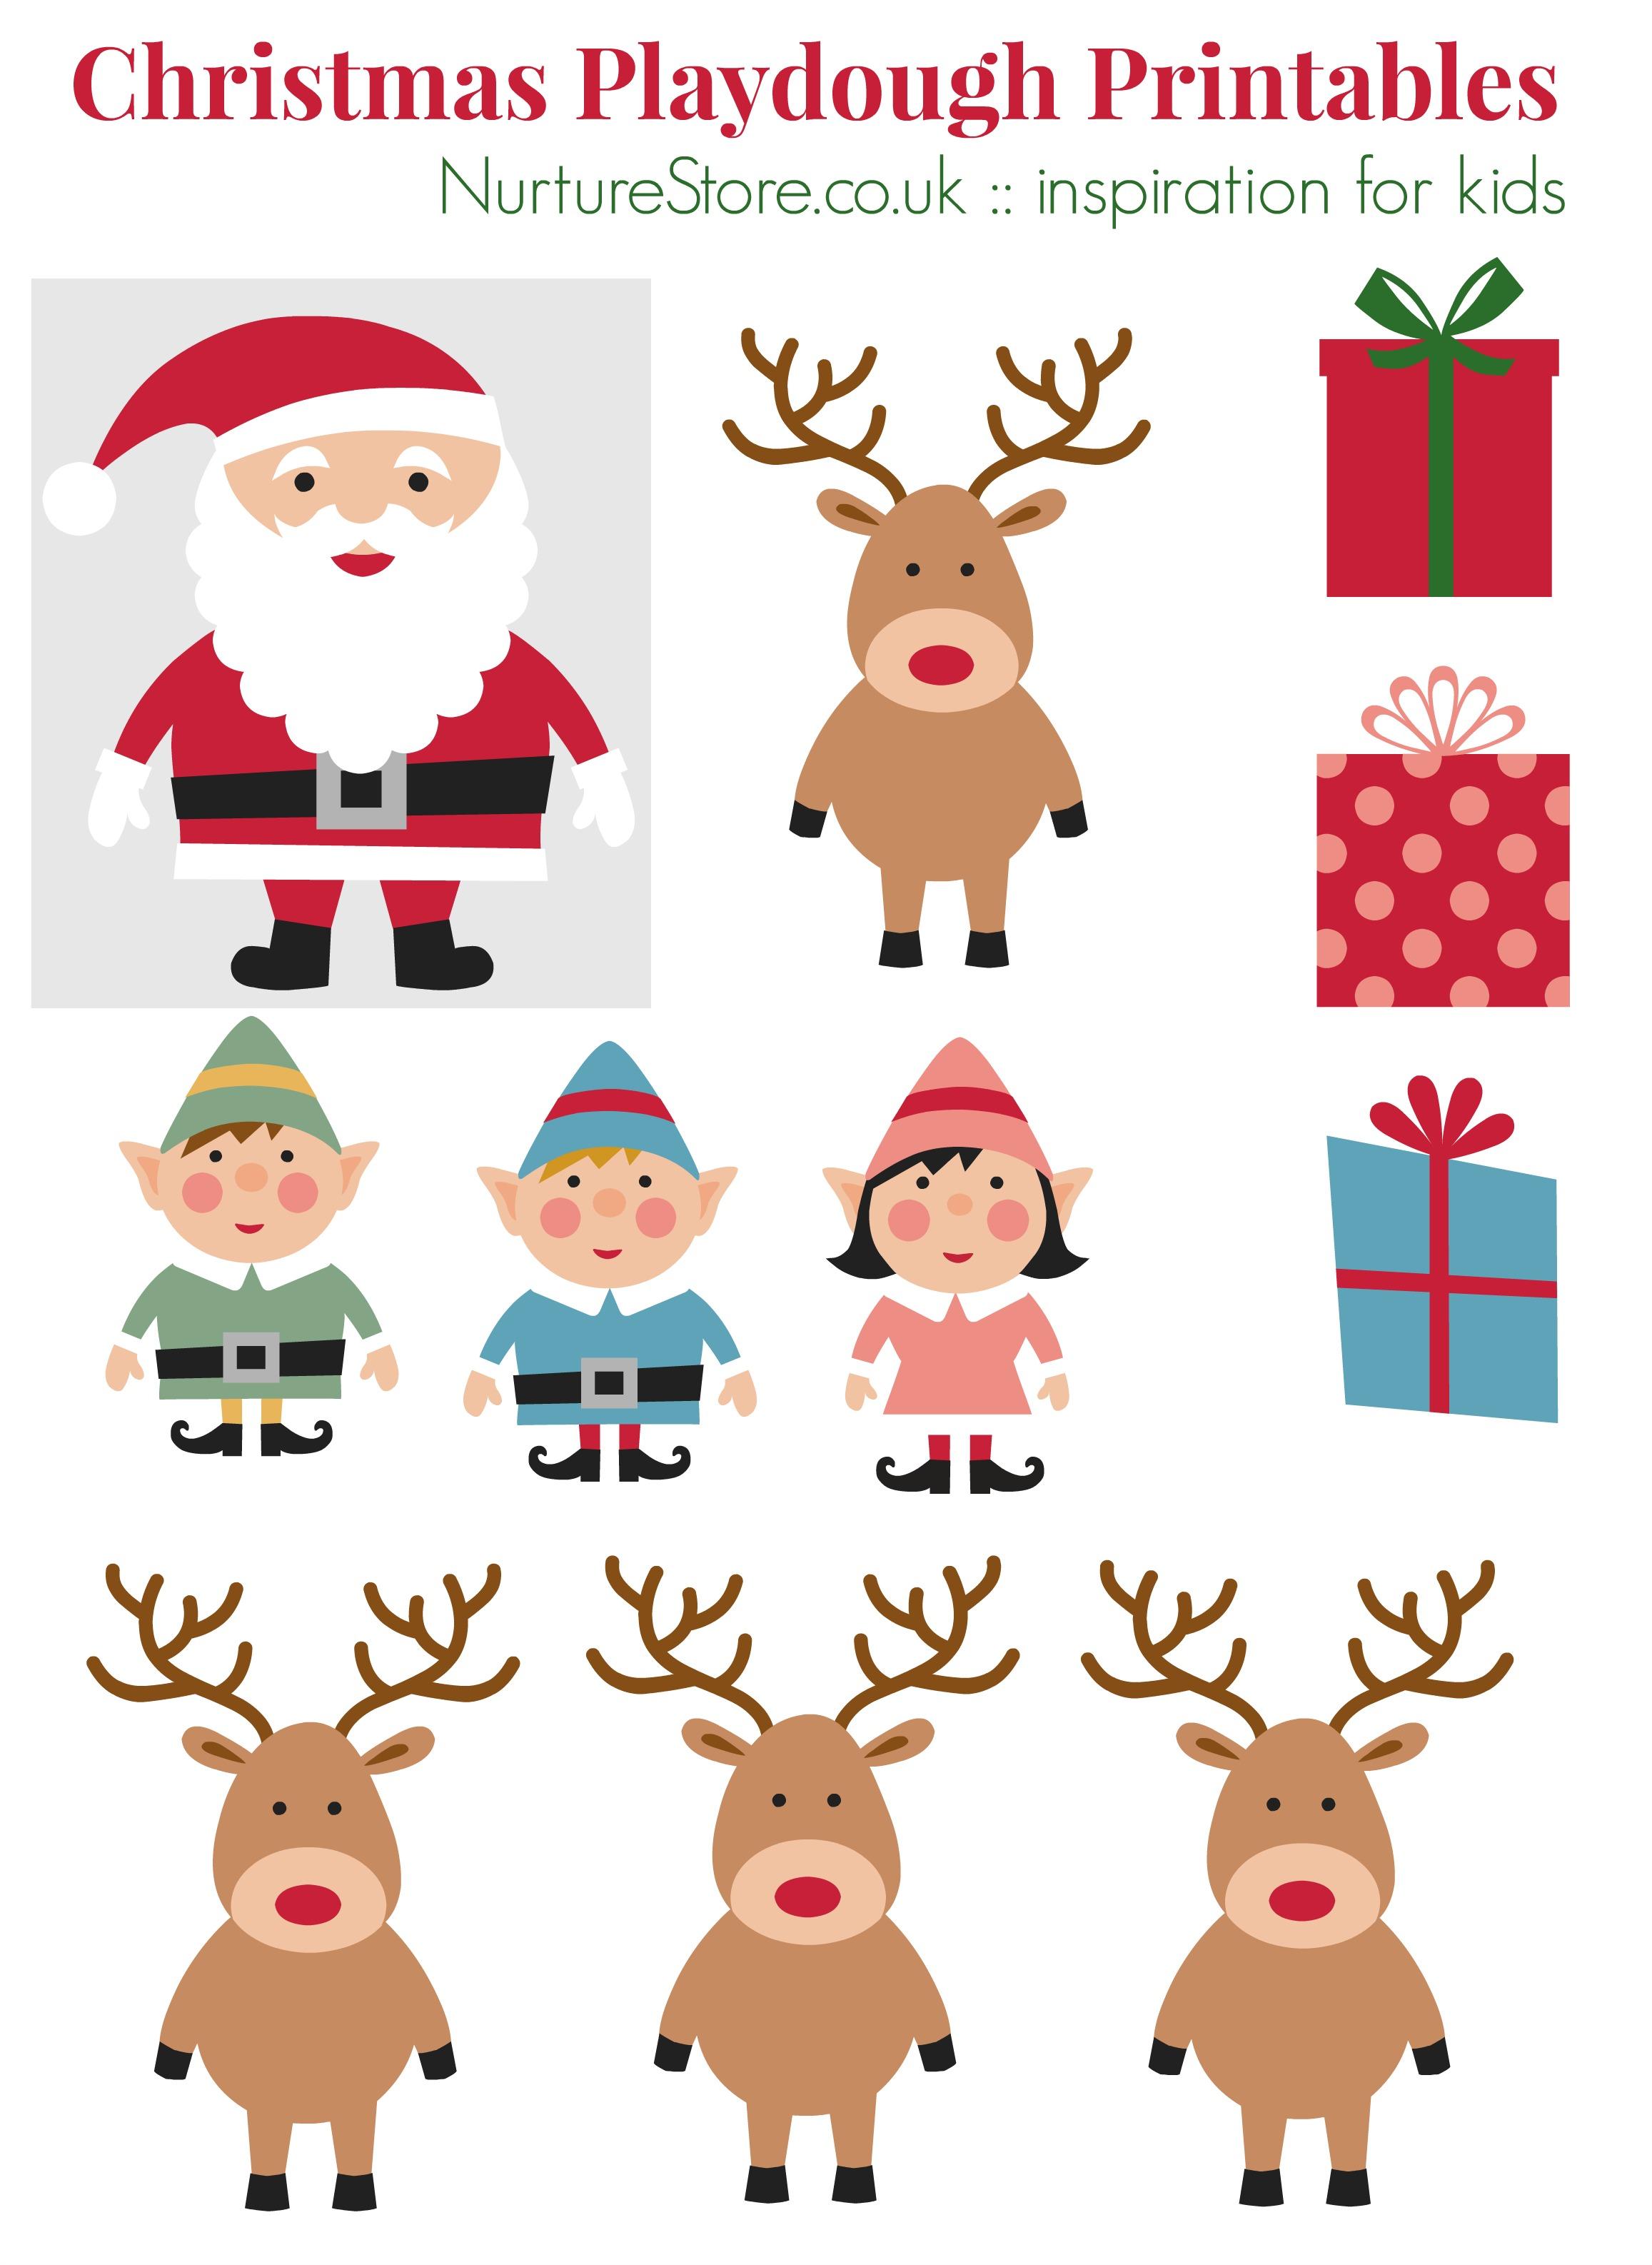 Father Christmas printables for playdough - NurtureStore